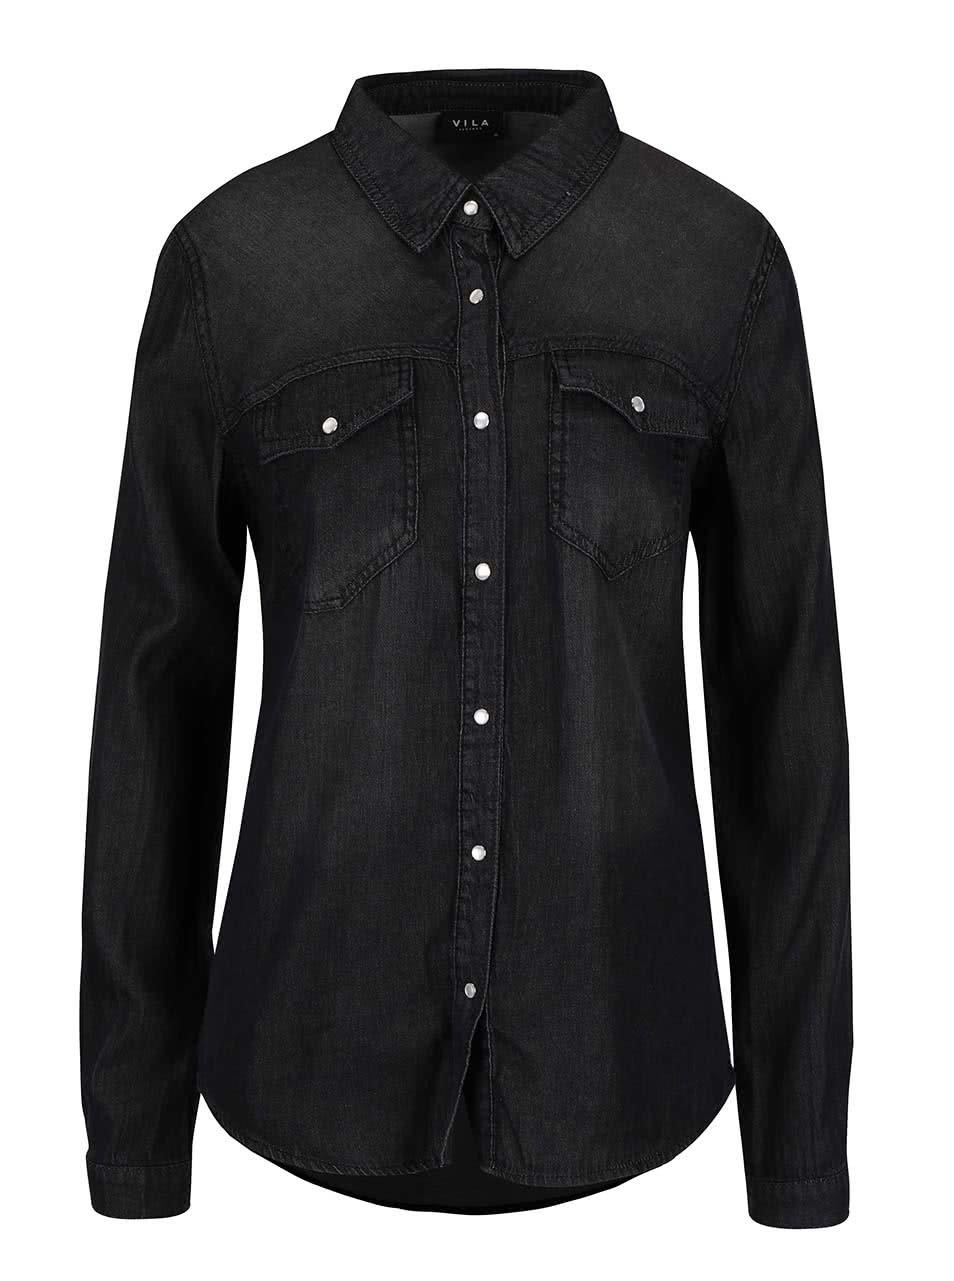 c6098d148459 Čierna rifľová košeľa s dlhým rukávom VILA Bista ...